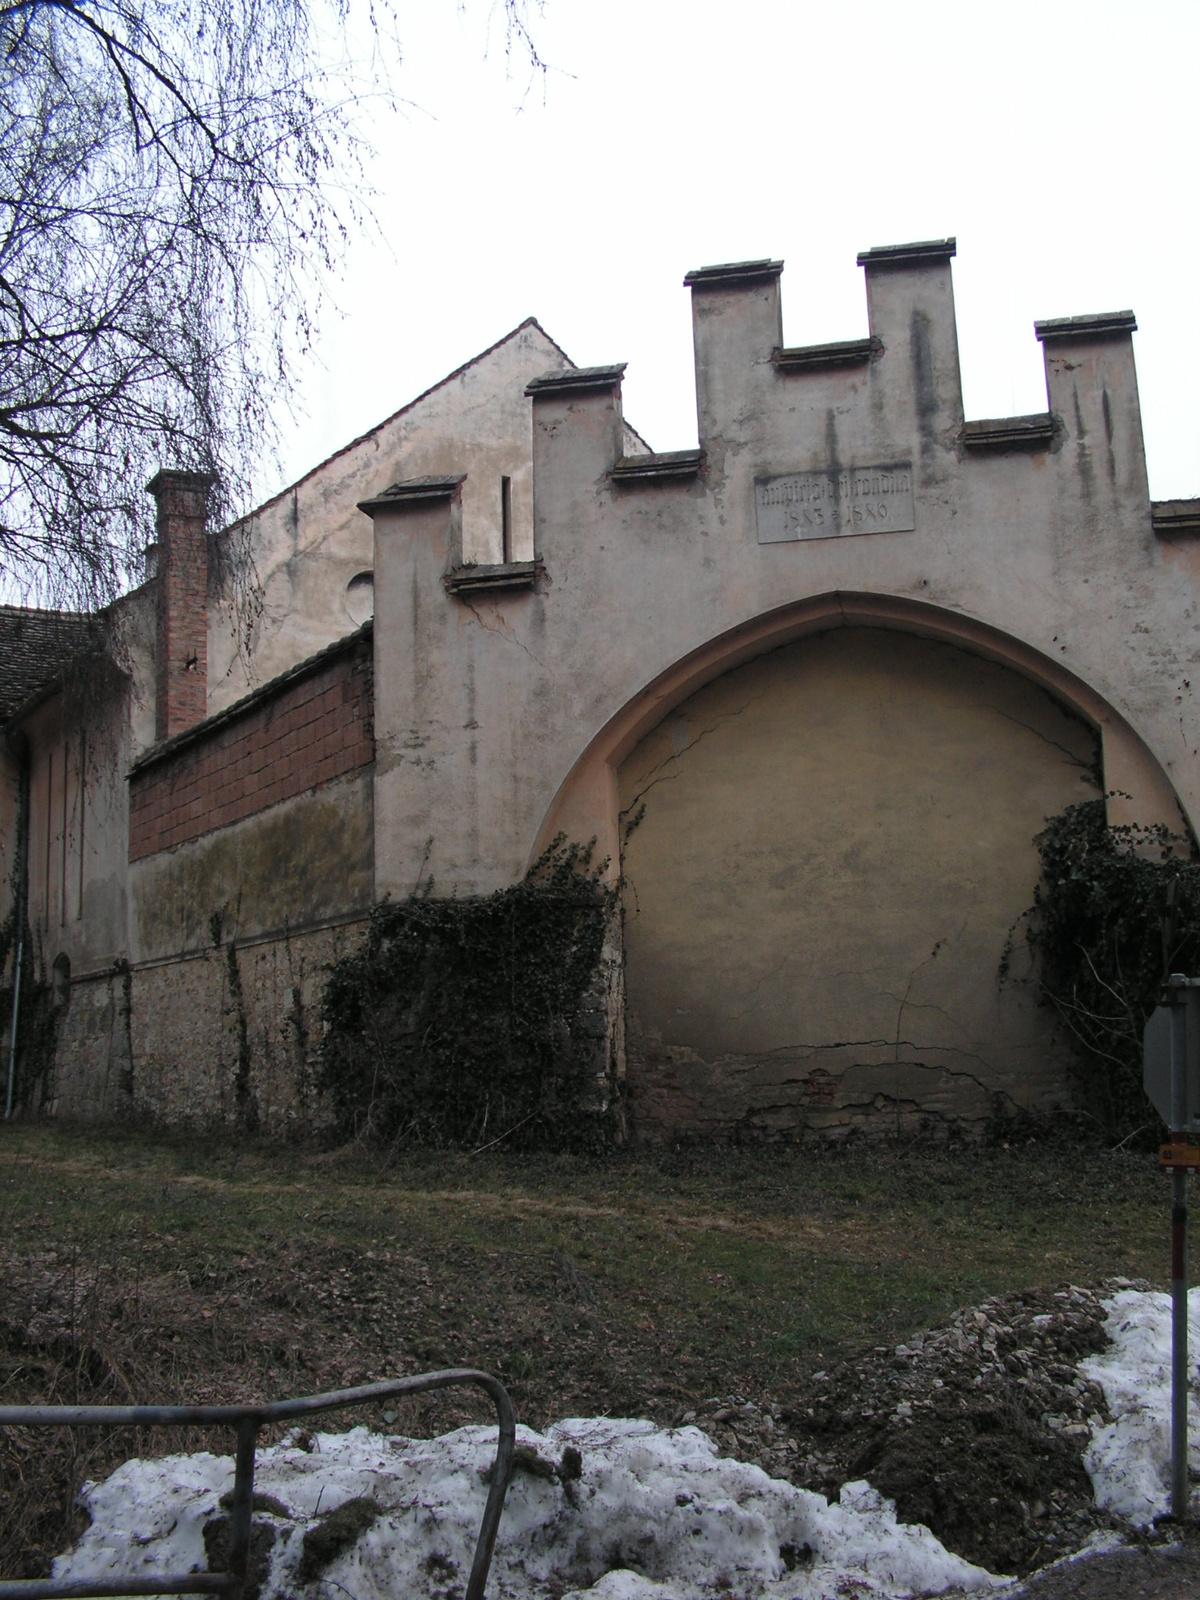 Oberfladnitz/Thannhausen, Schloß Thannhausen, SzG3